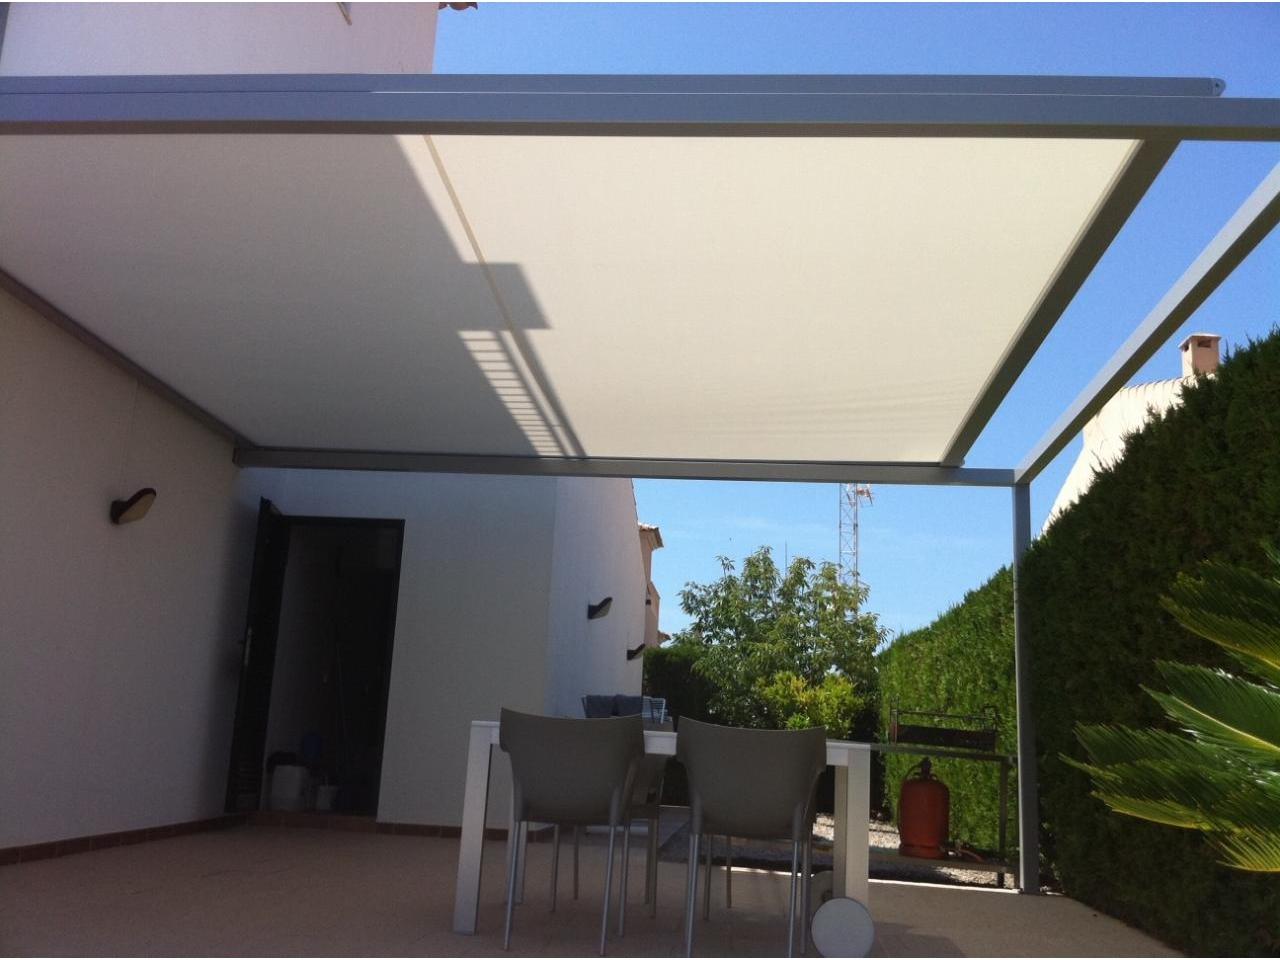 Trabajos cat logos art tendal toldos cofre parasoles - Precios de toldos para patios ...